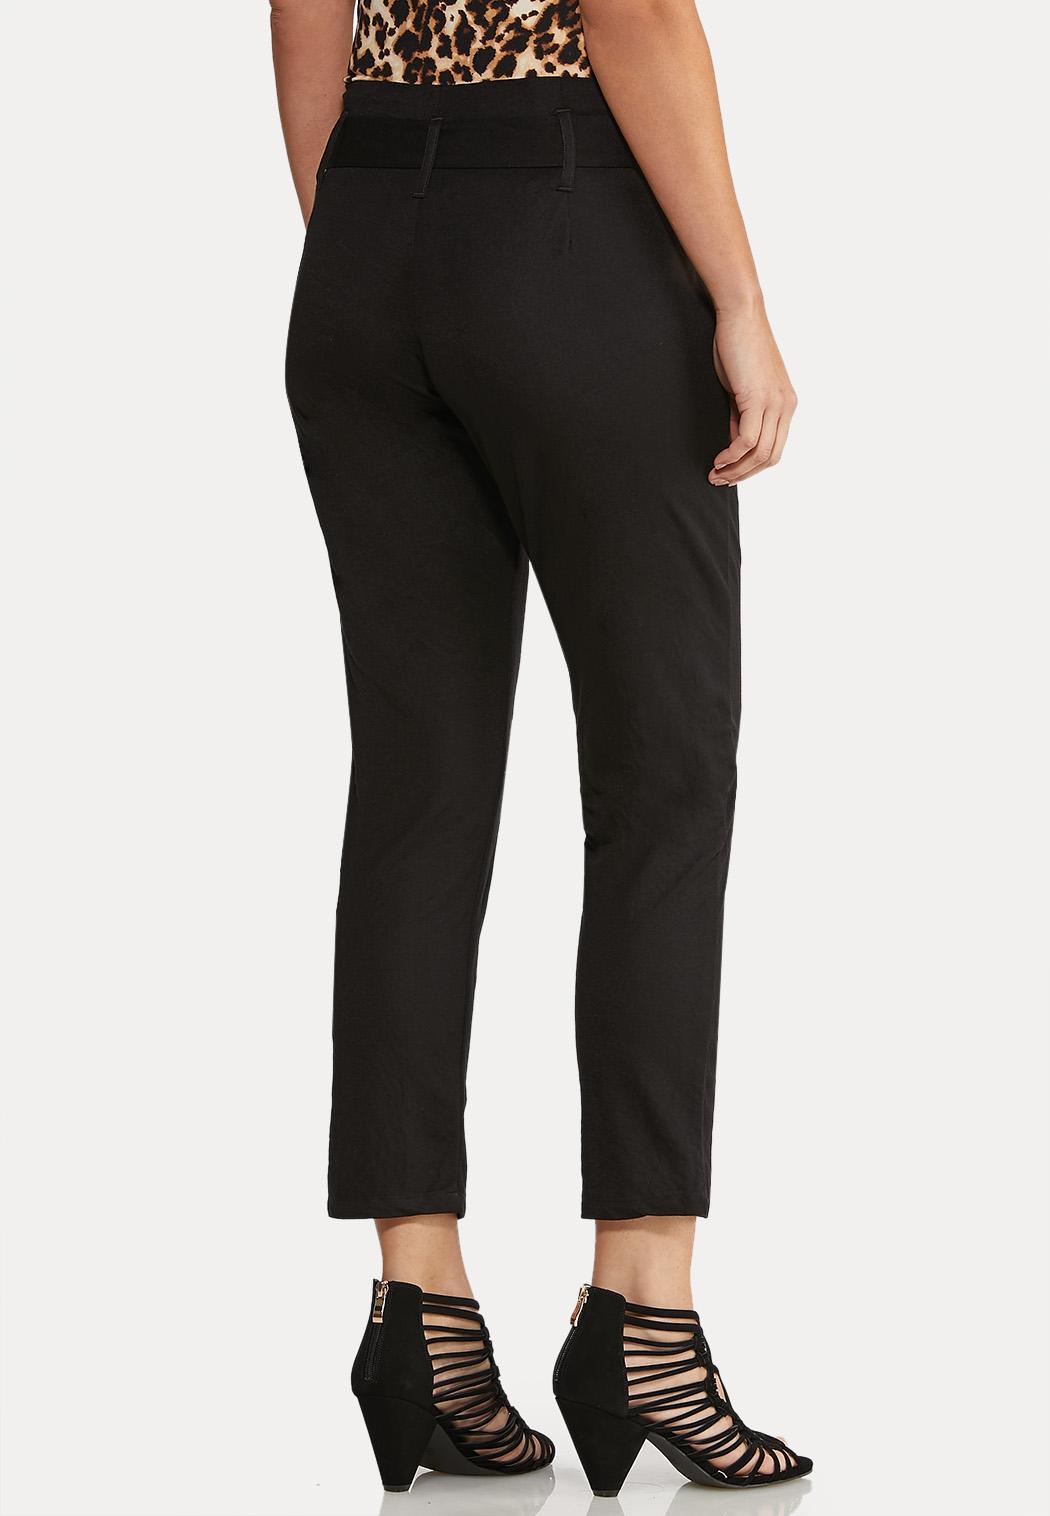 Tie Waist Paperbag Waist Pants (Item #43960434)